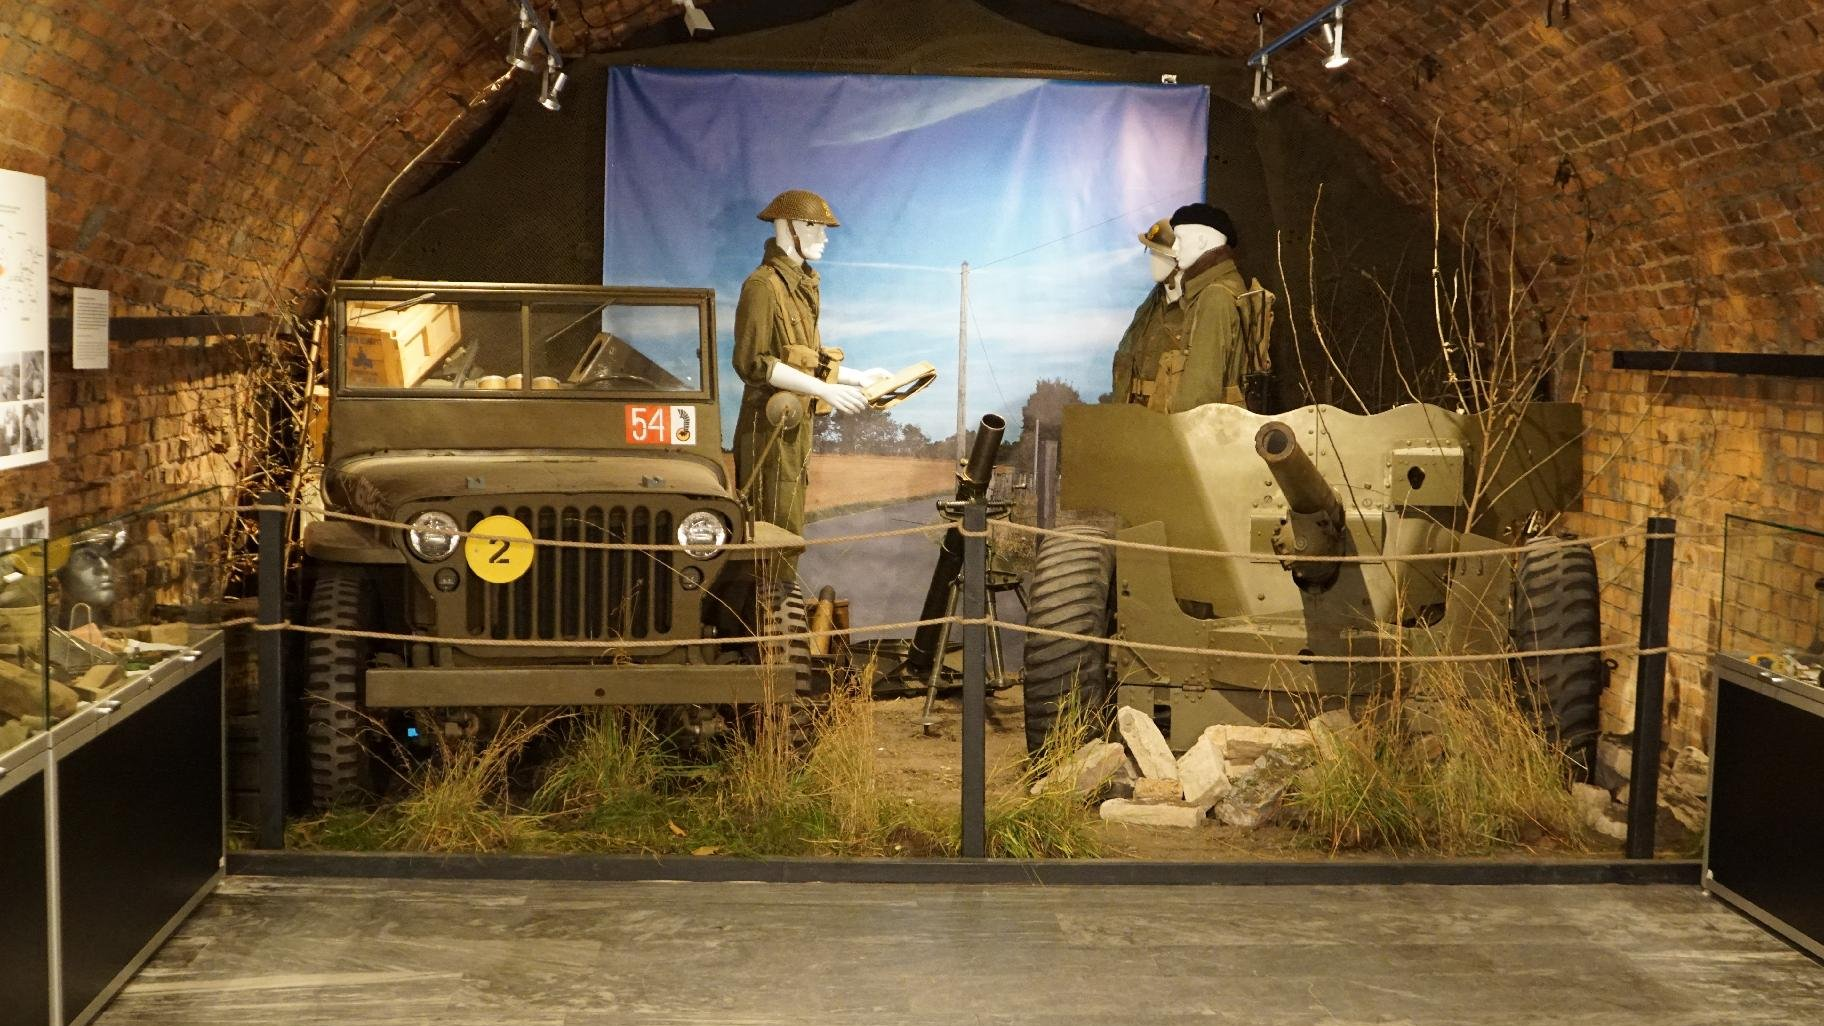 Zdjęcie przedstawia samochód wojskowy i działo. Na drugim planie manekiny ubrane w mudury. - grafika artykułu